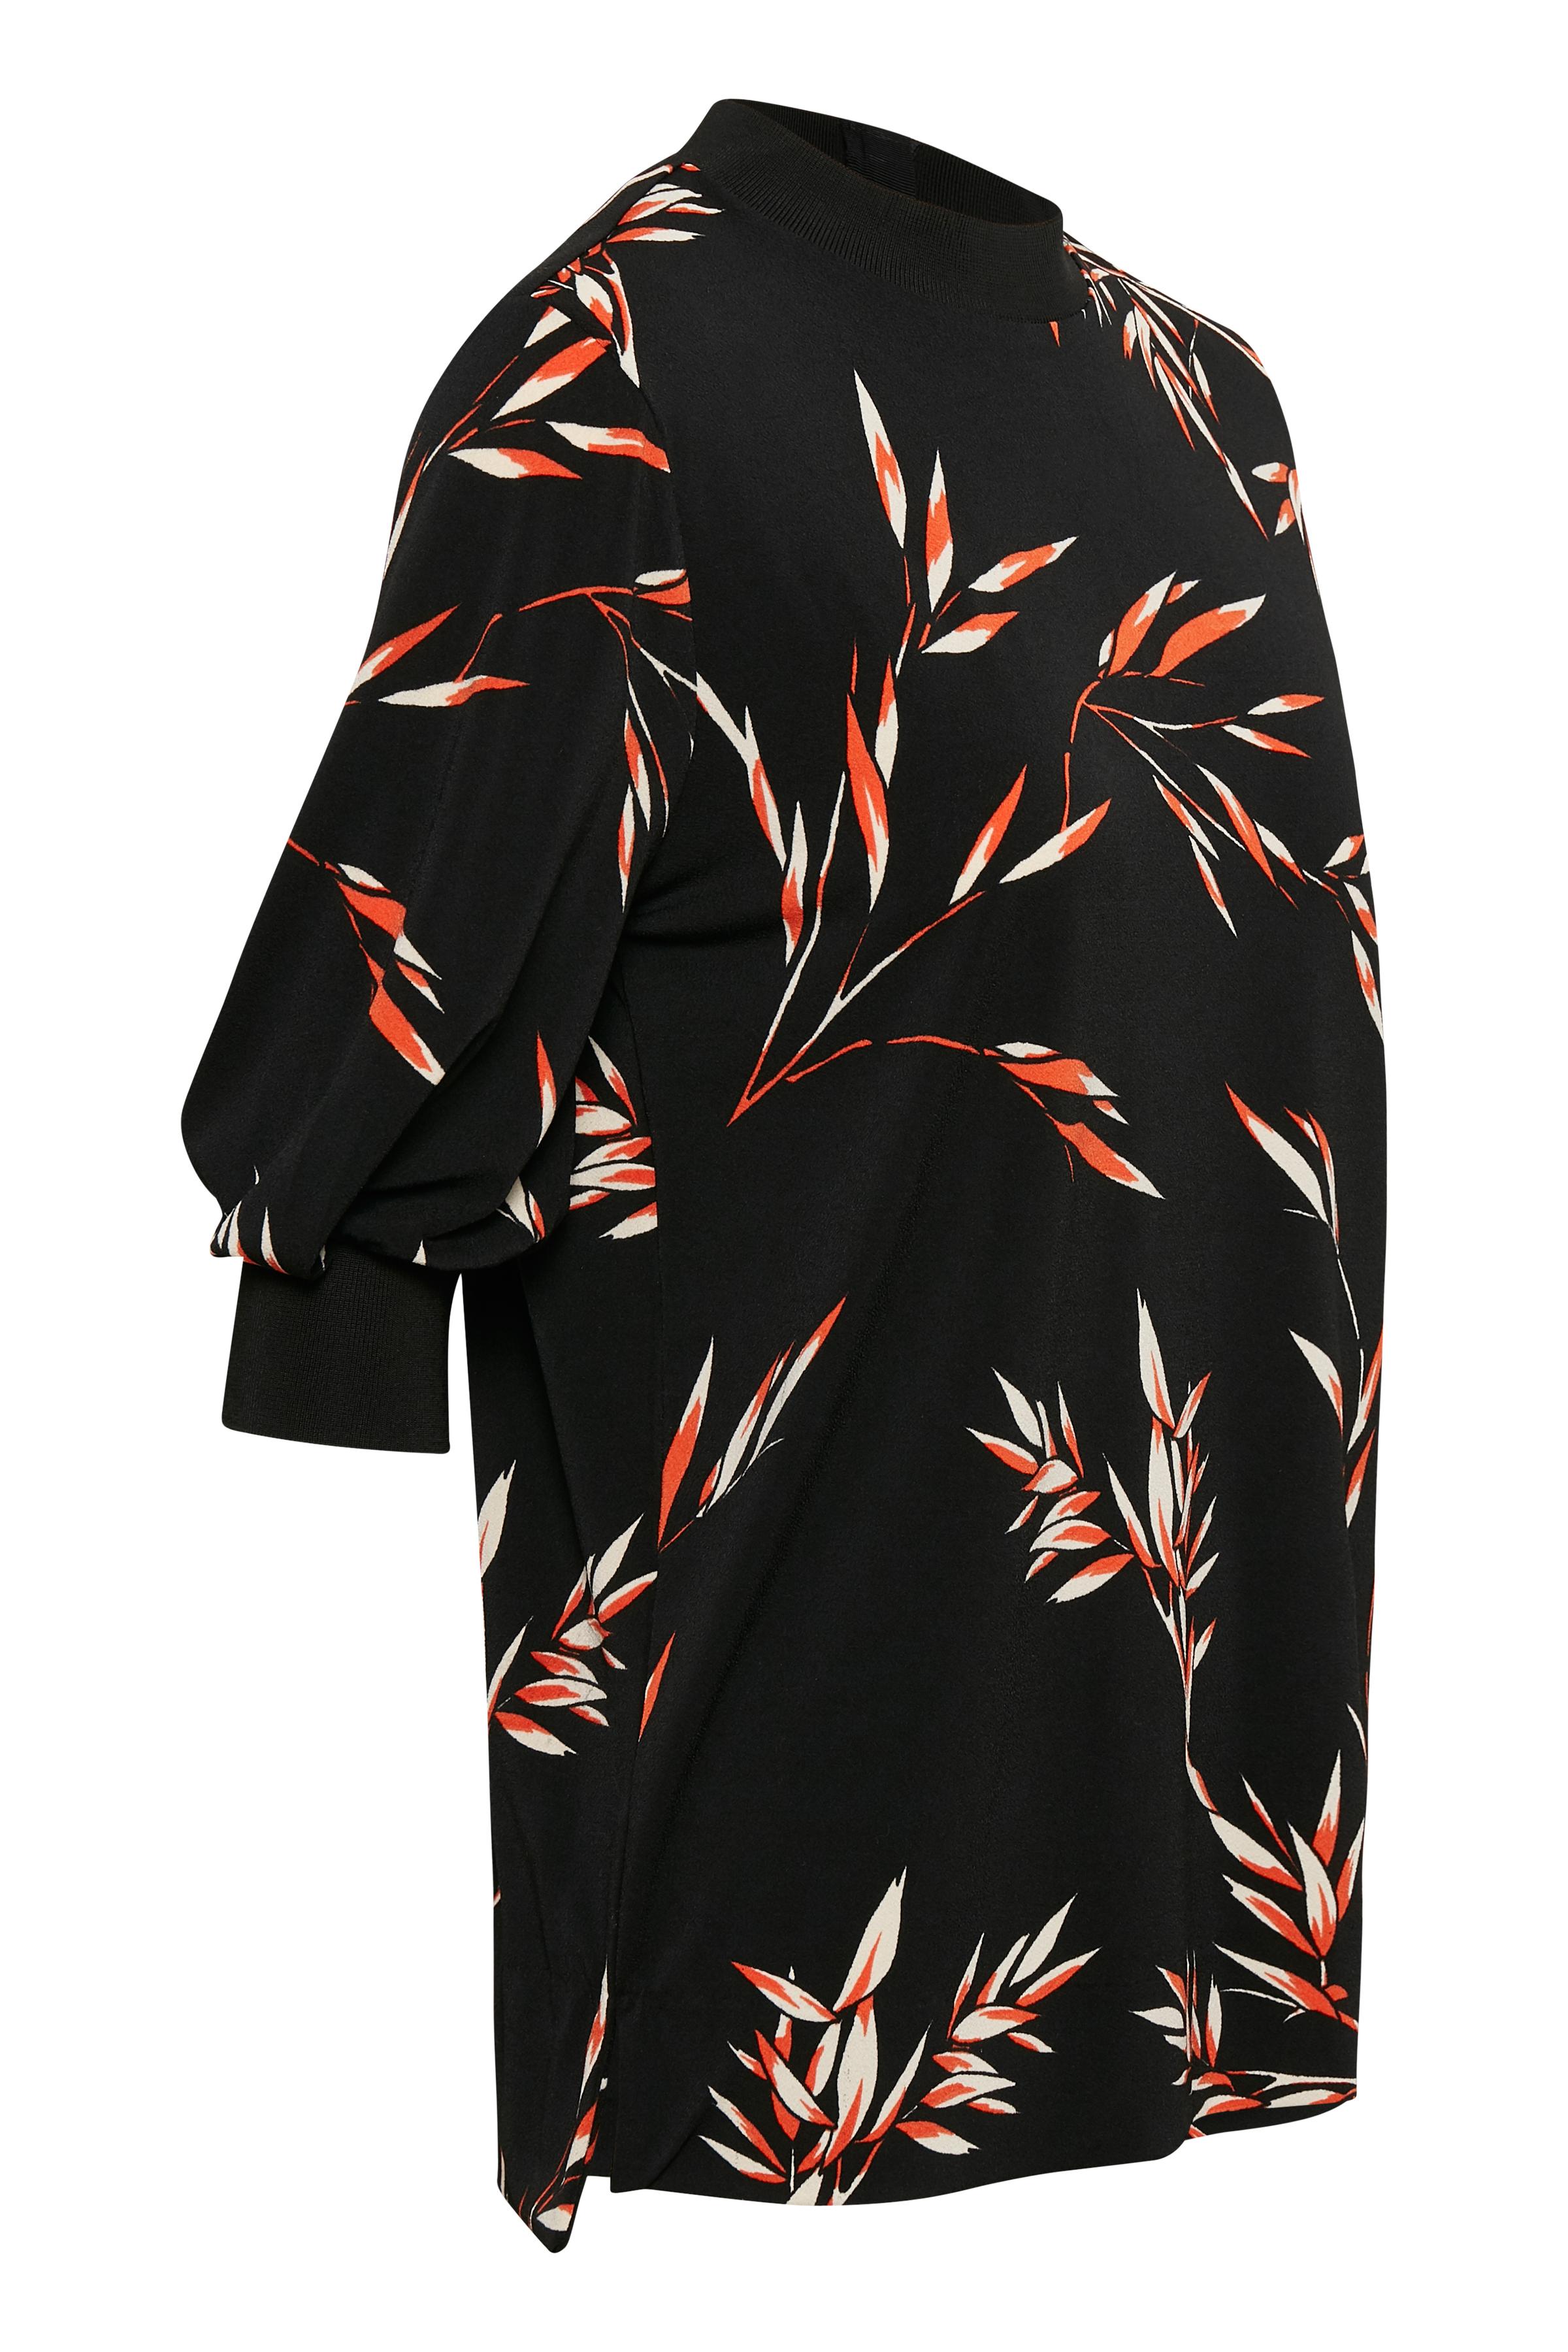 Bamboo Flower T-Shirt – Køb Bamboo Flower T-Shirt fra str. XS-XL her